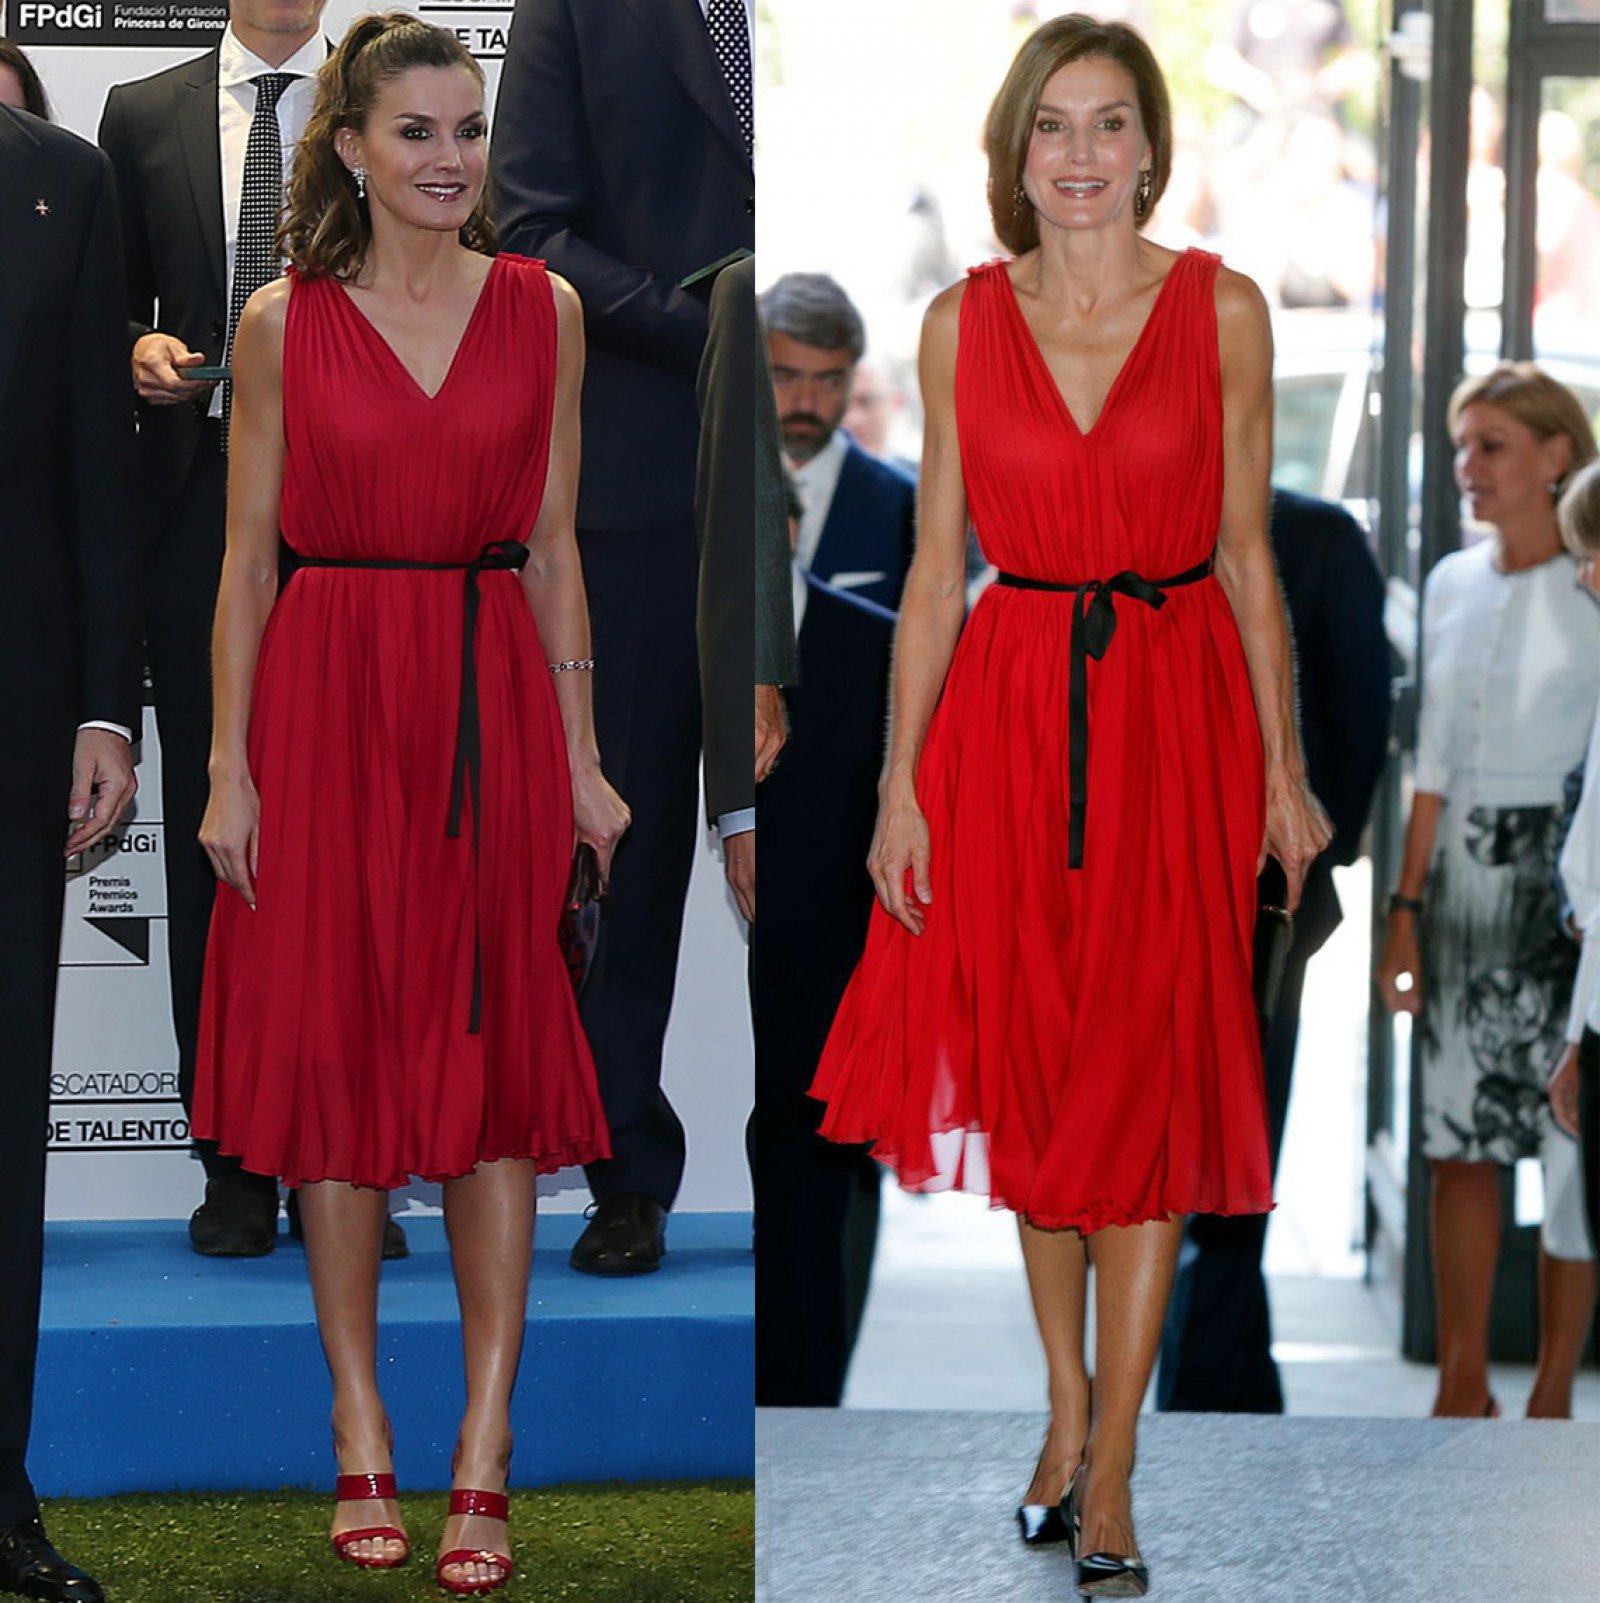 El vestido rojo de Carolina Herrera que la reina Letizia ha lucido en varios actos